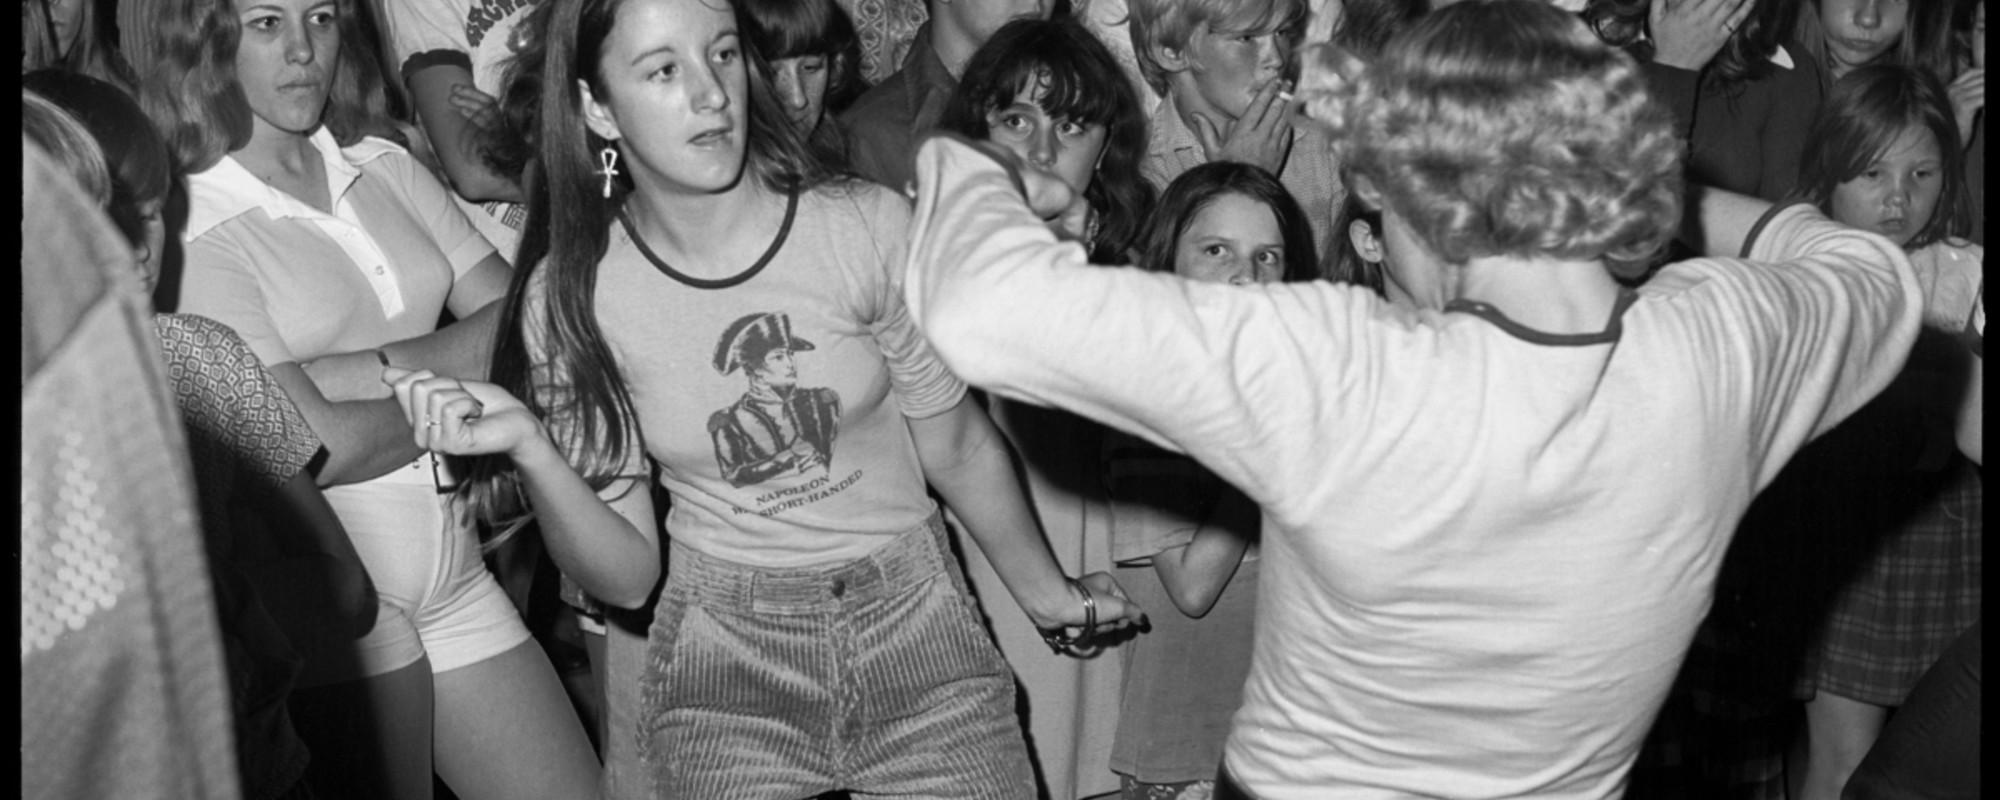 Des photos des amateurs de roller d'il y a 40 ans